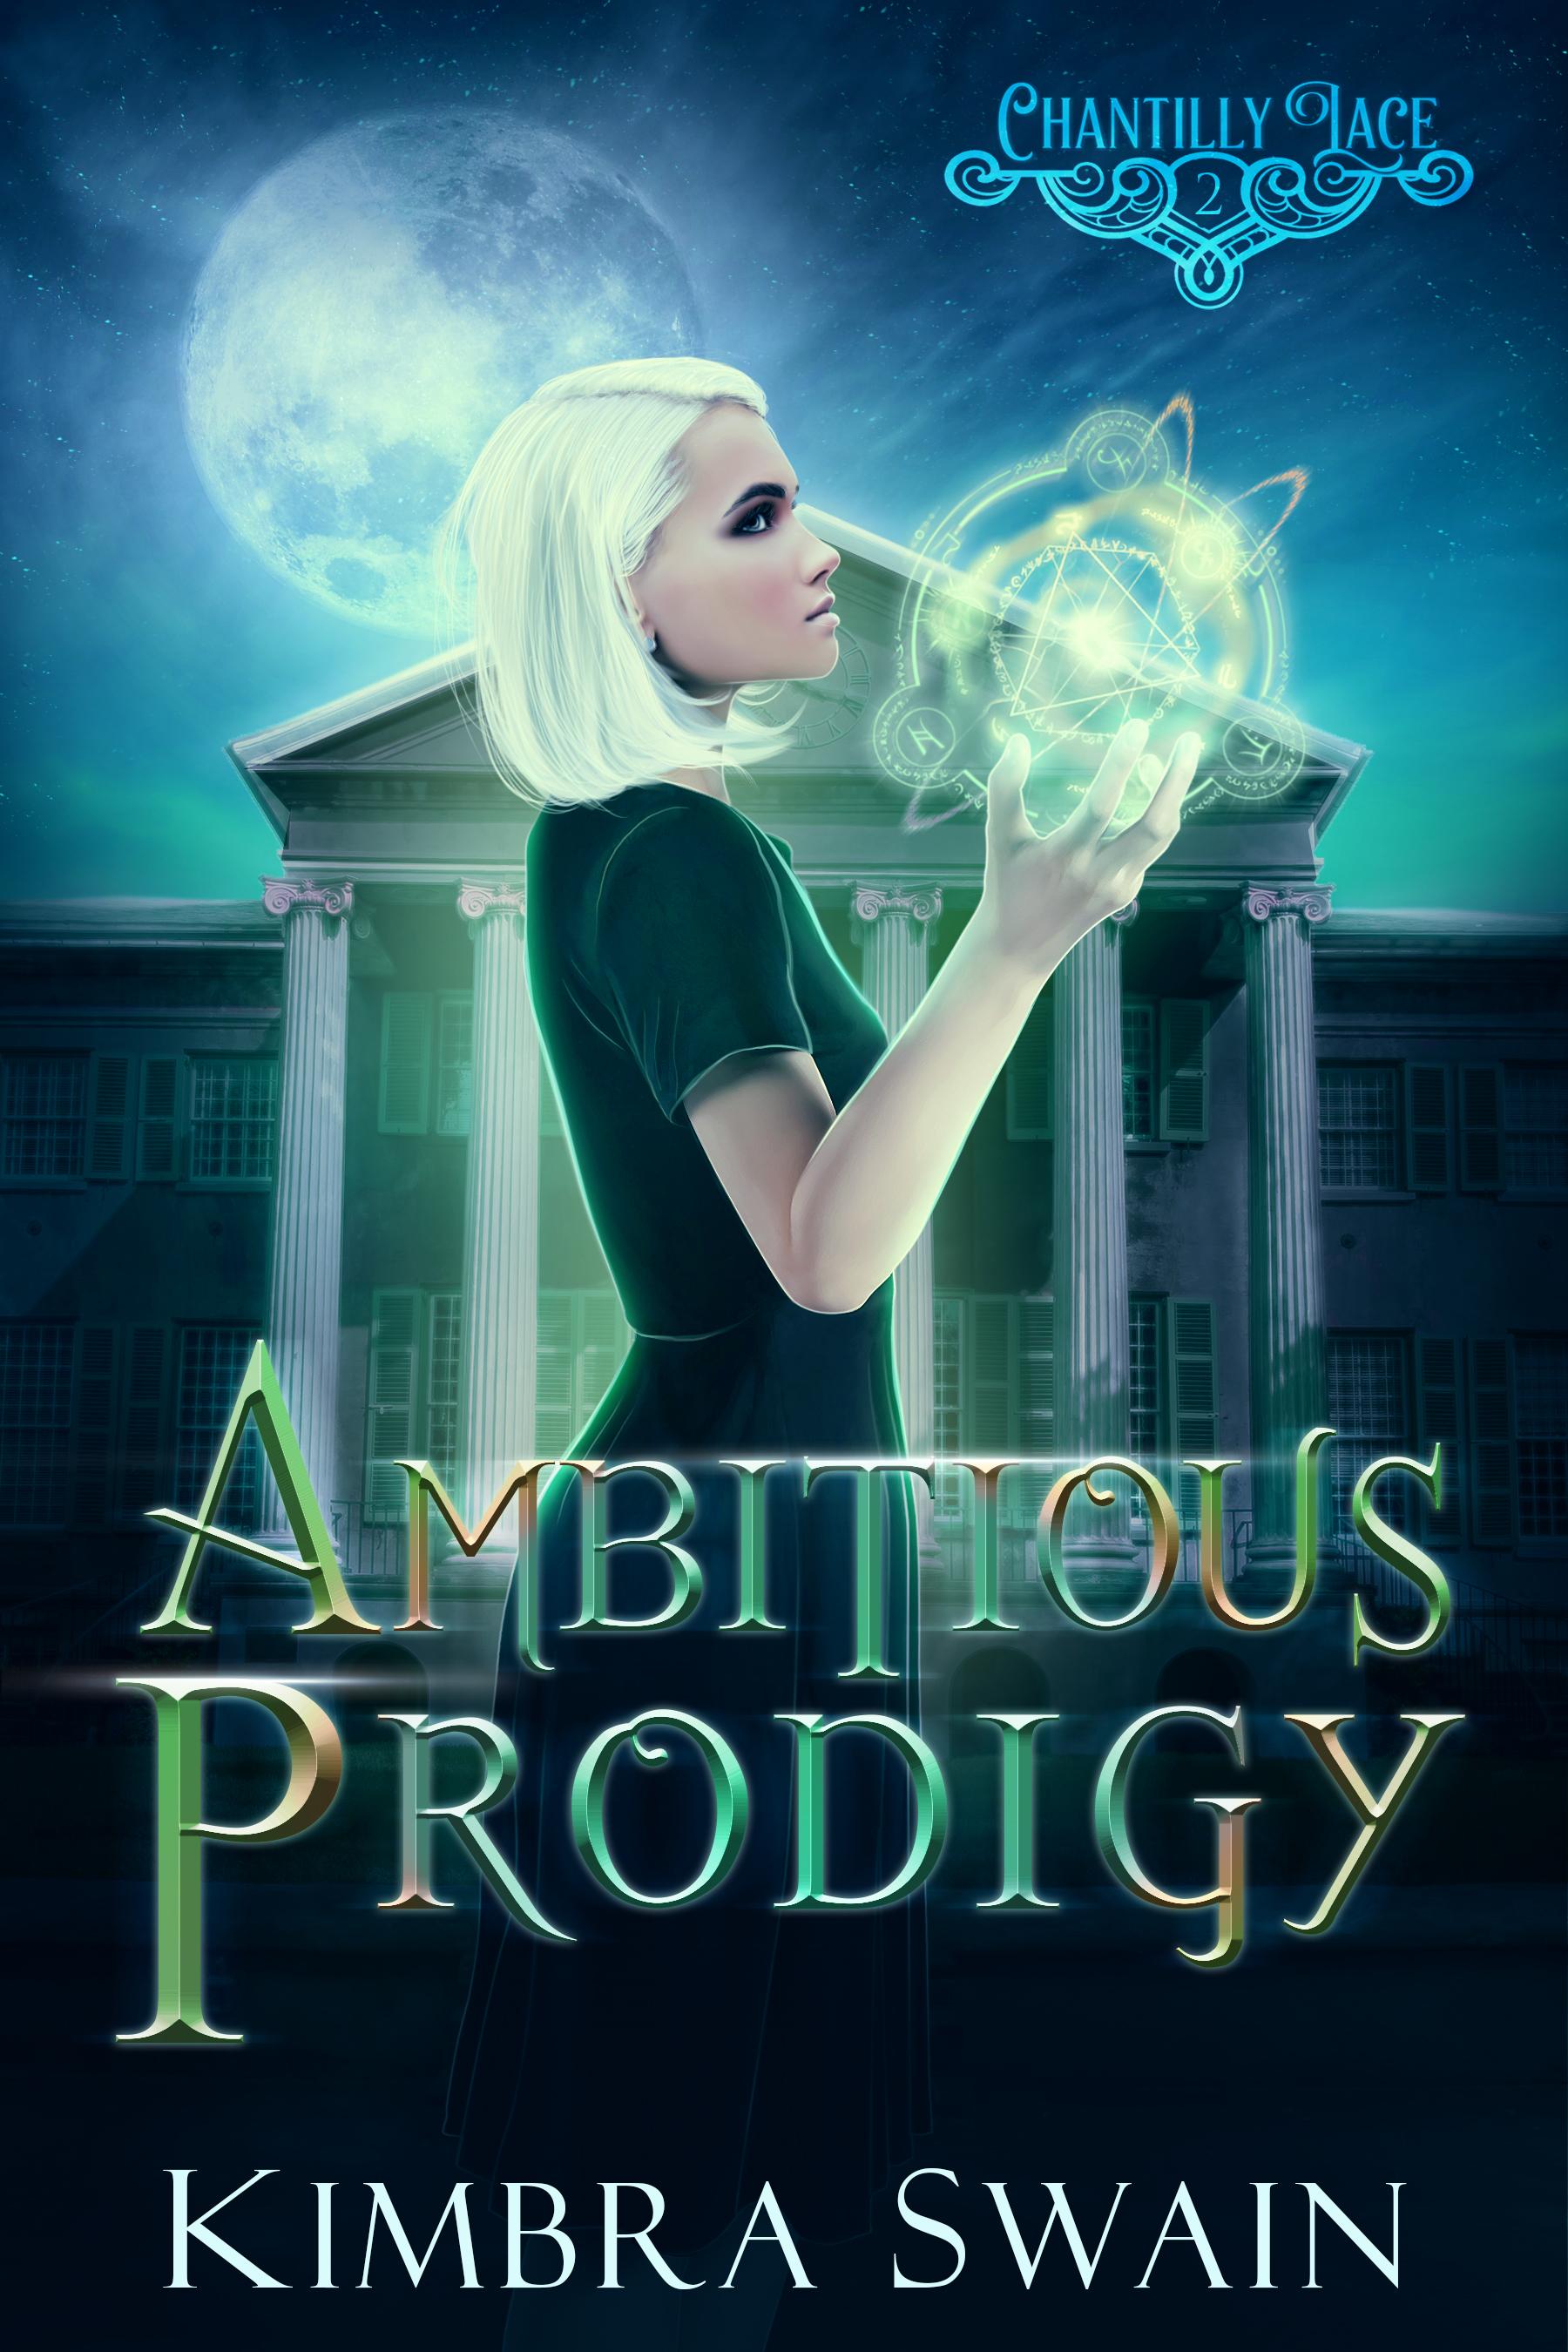 Ambitious Prodigy